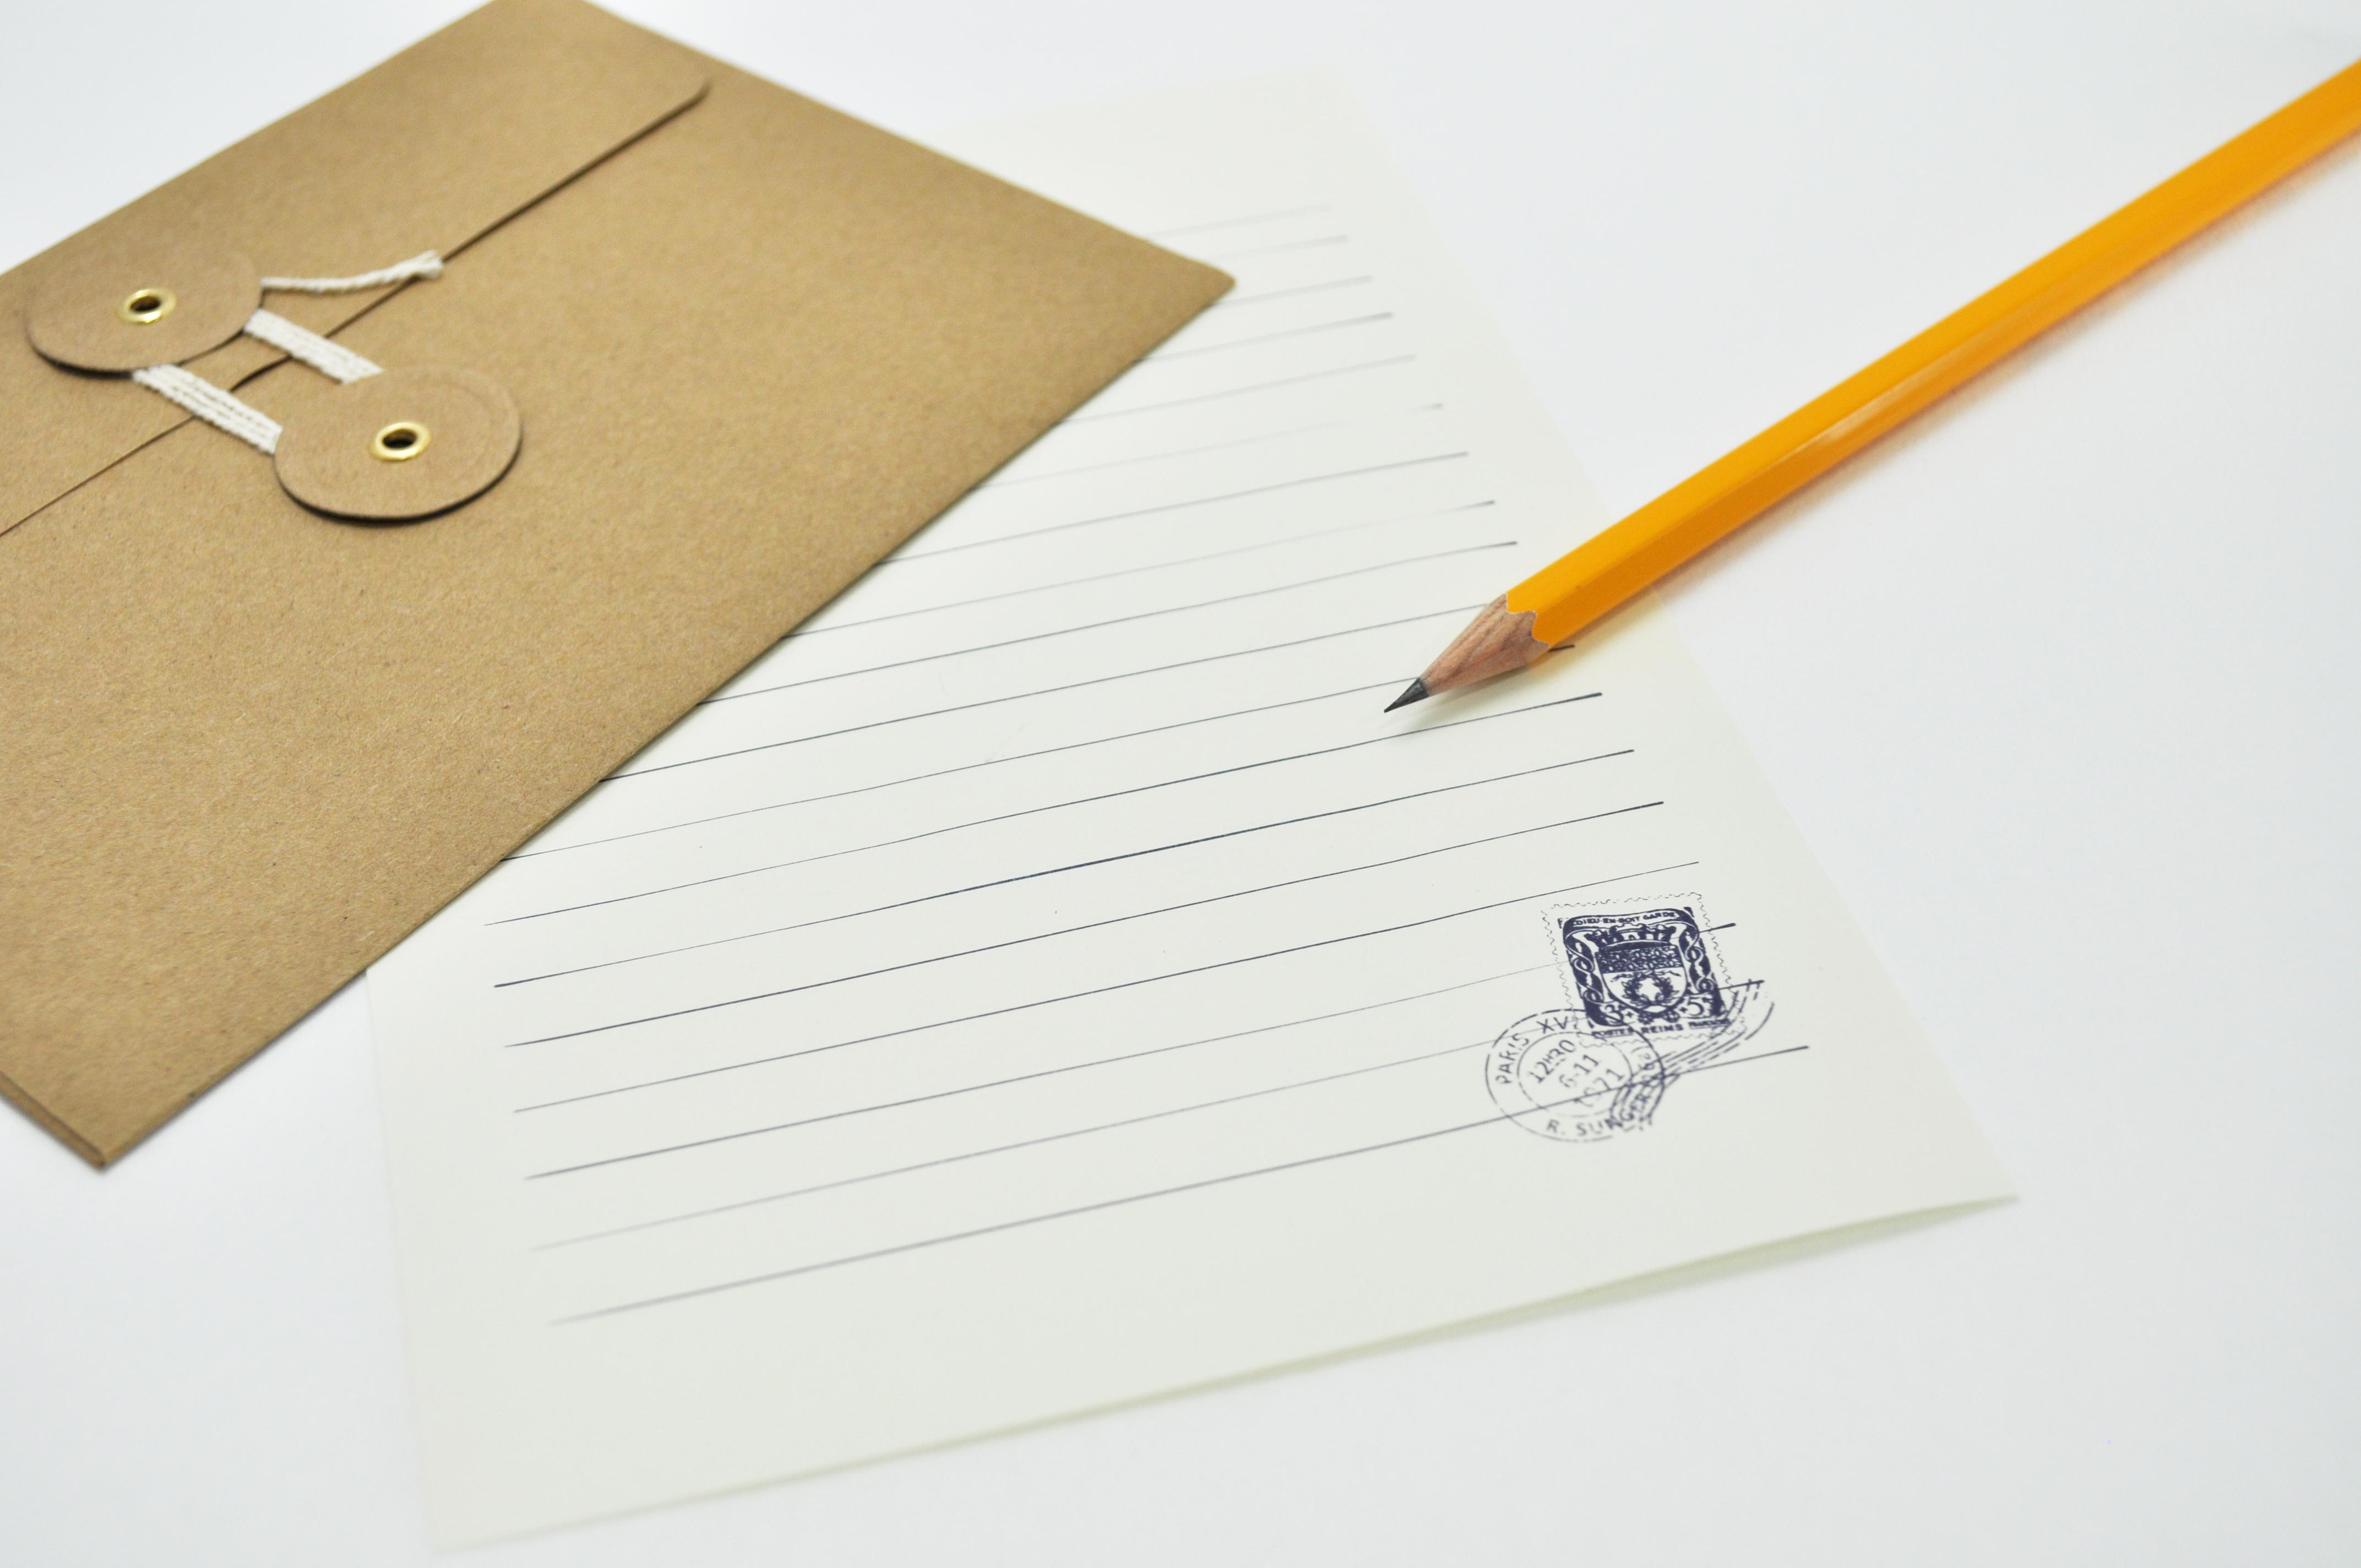 うれしいお手紙たち^^